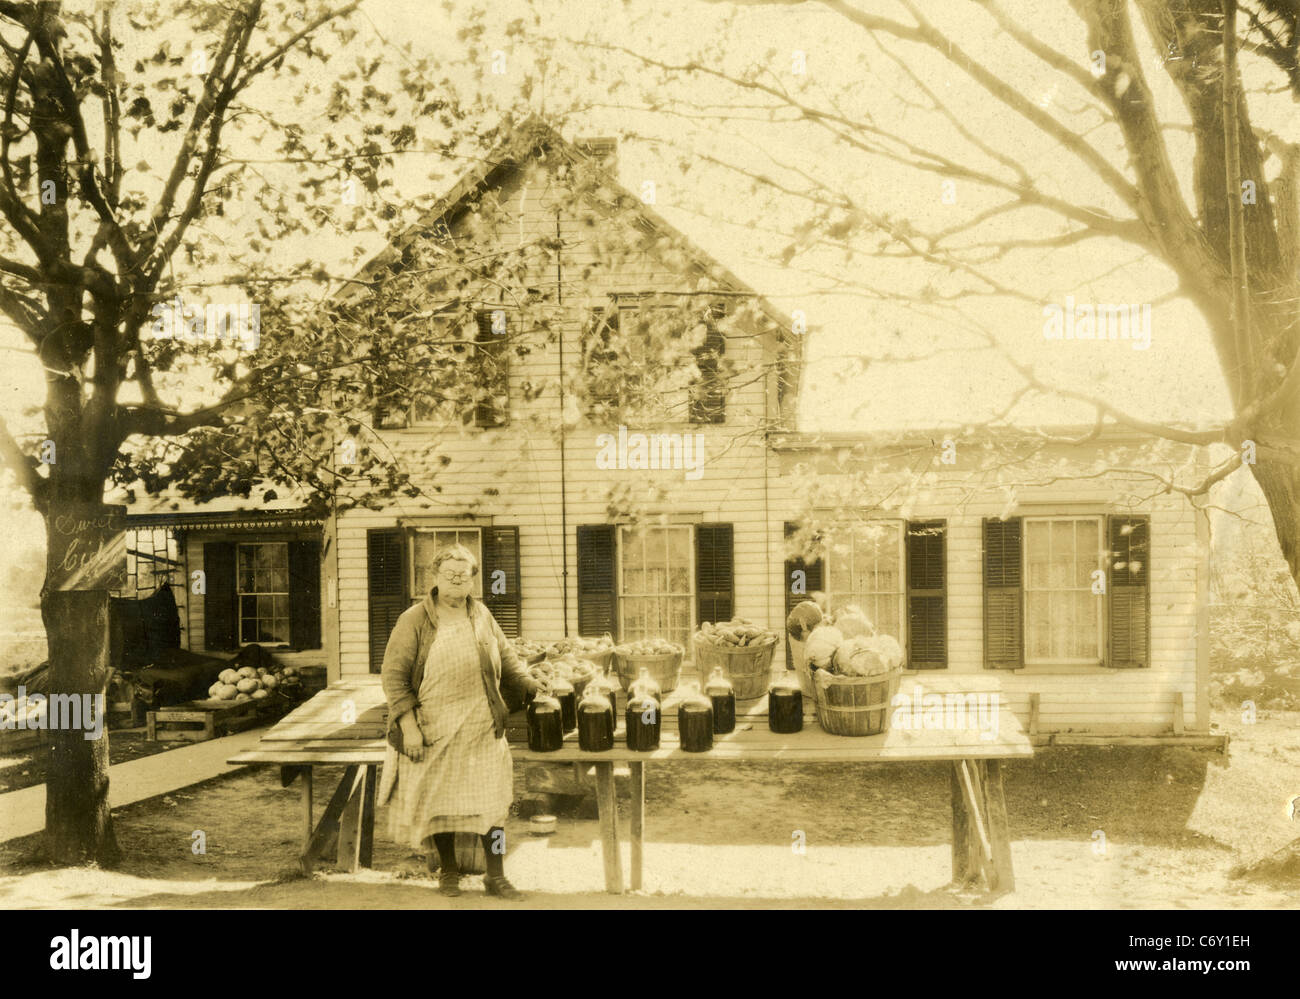 Circa trenta New England Farm Stand, vendono sidro di mela, patate e verdura. Immagini Stock